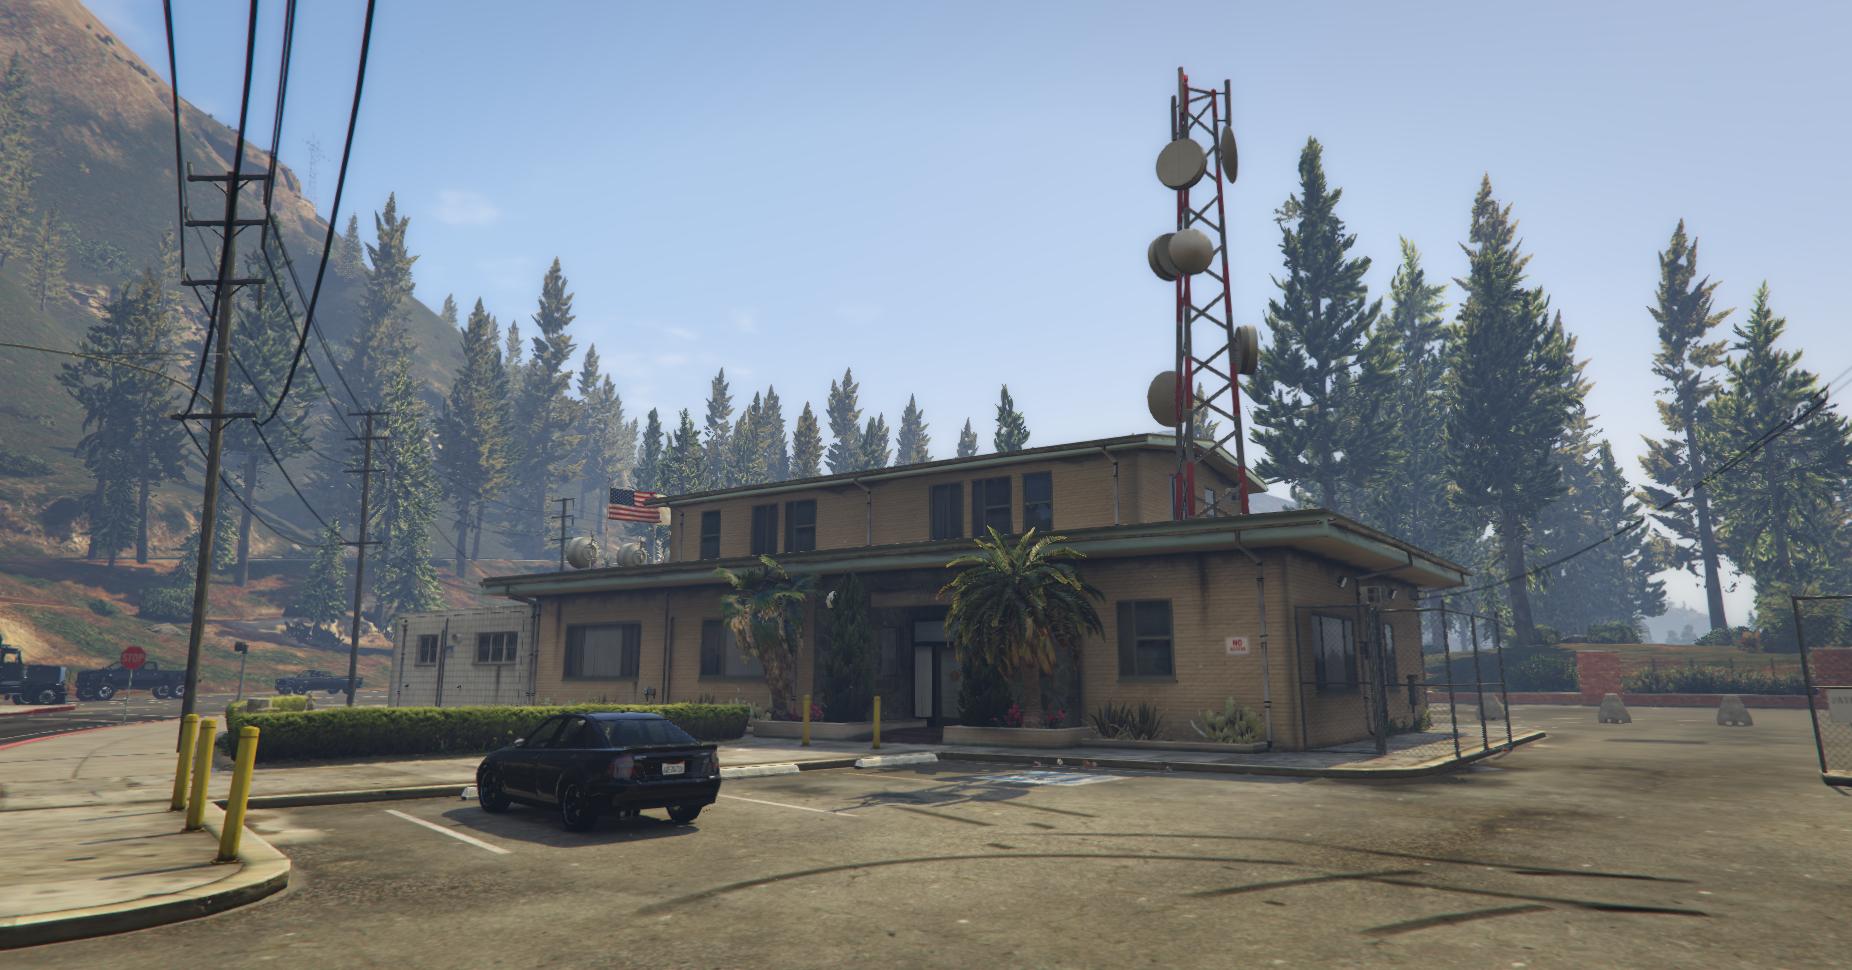 Paleto Bay Sheriff's Office